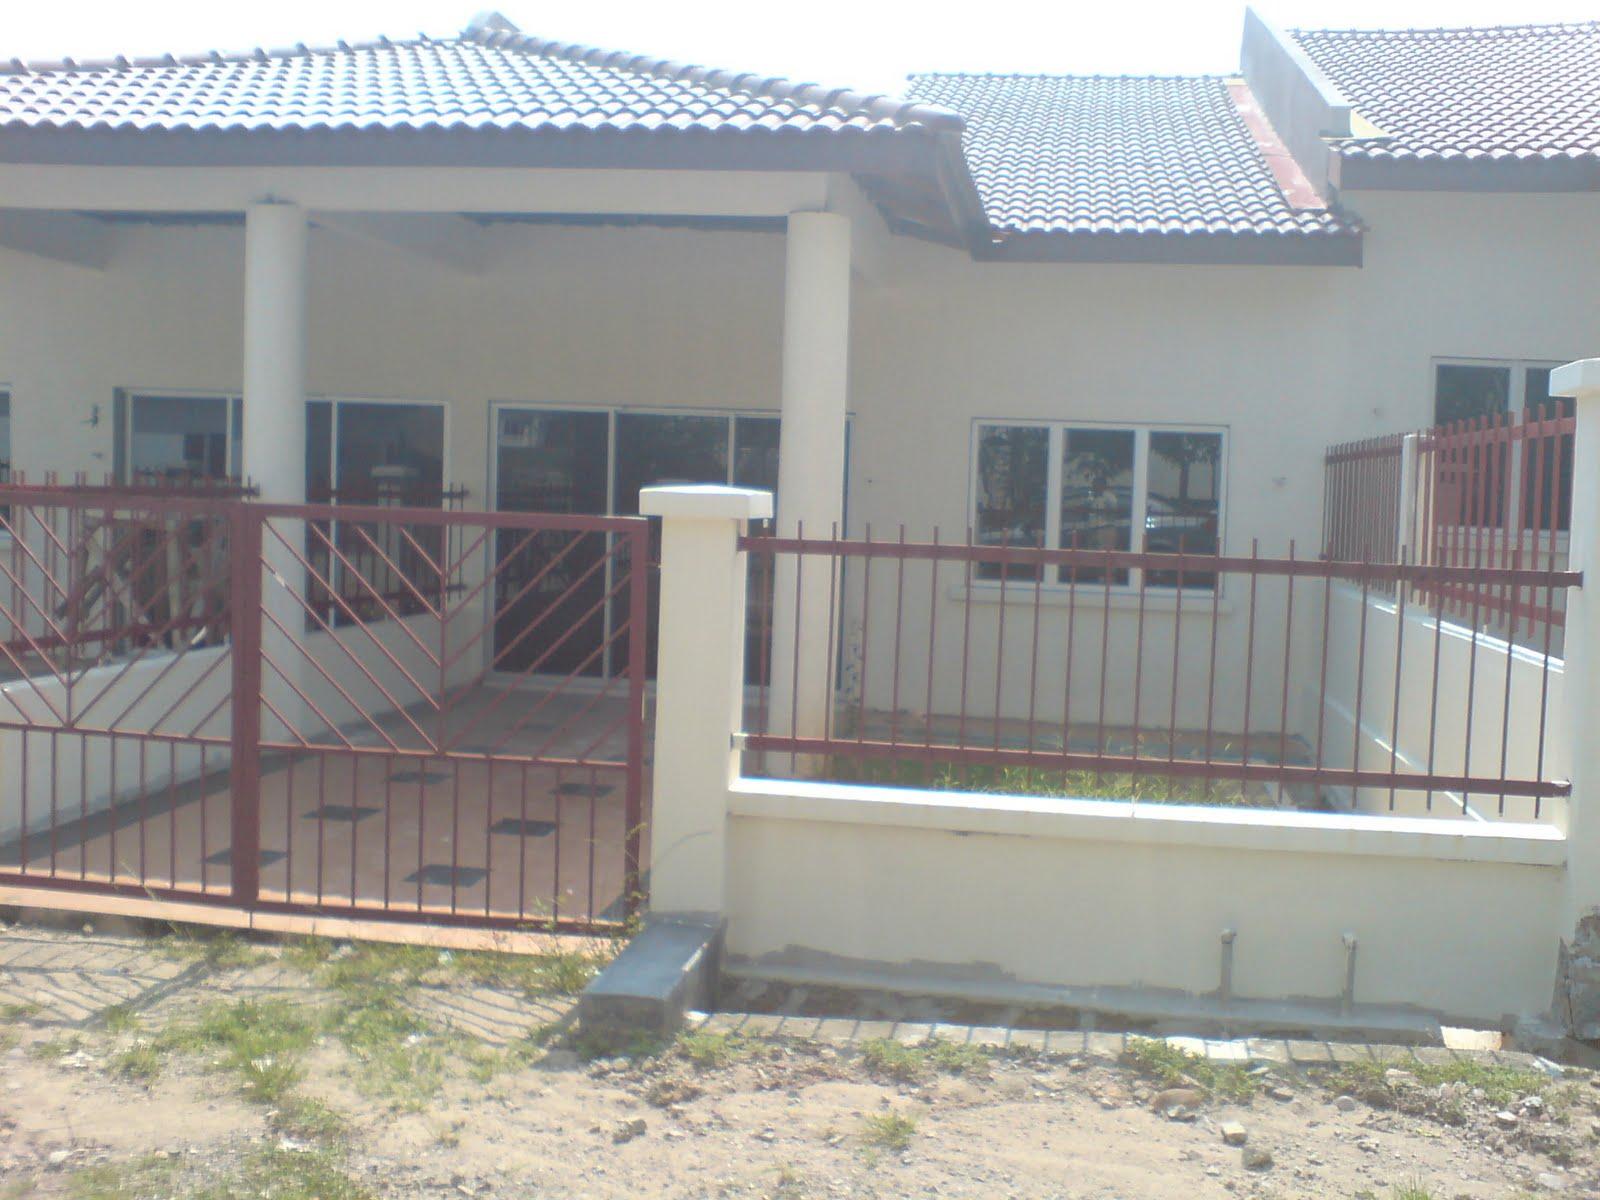 EilaRazi My Aim Kediaman Rumah Baru Kos Sederhana